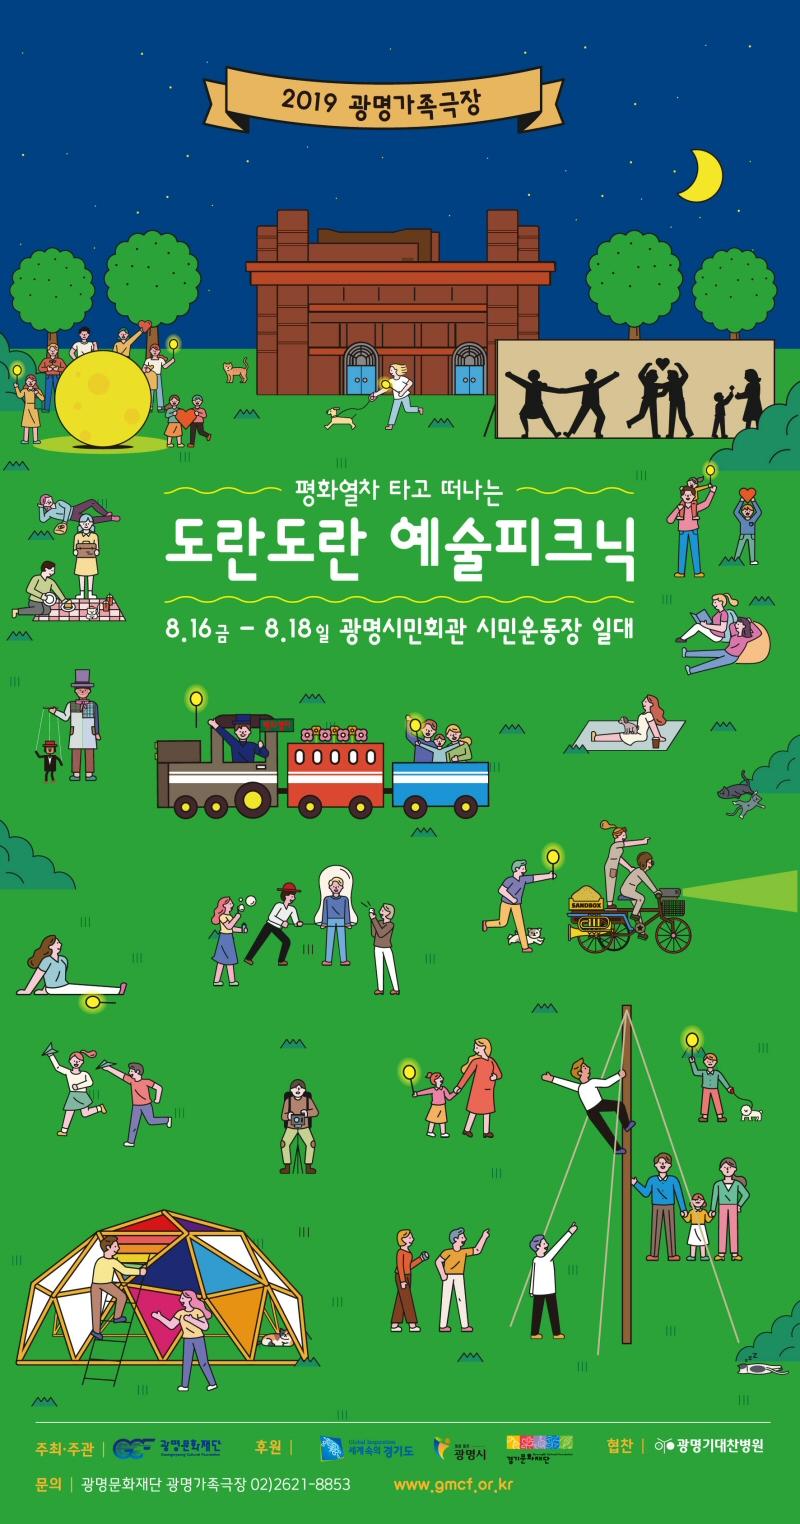 '2019 광명가족극장 도란도란 예술피크닉' 8월16일 개최